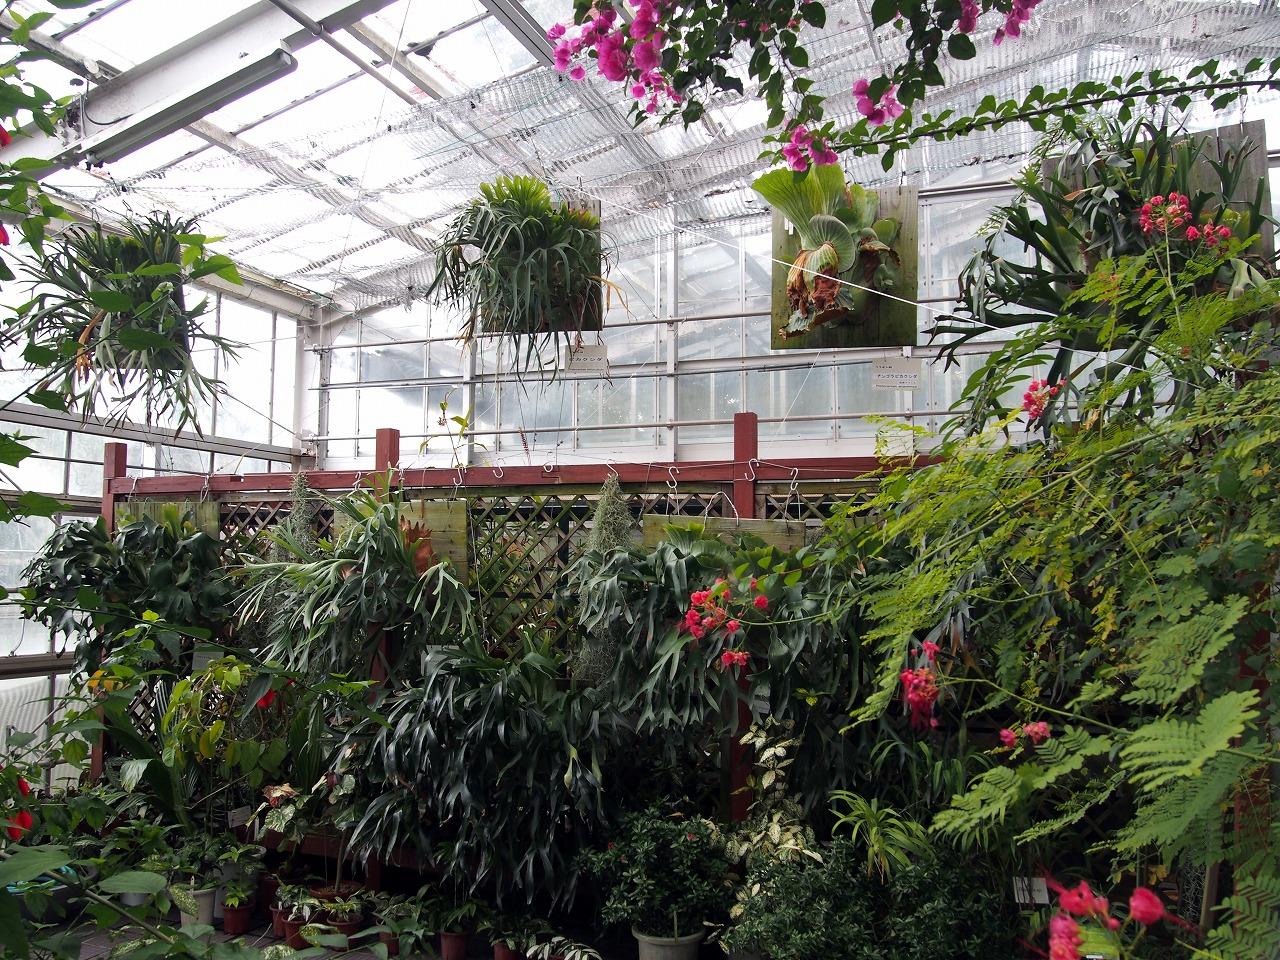 BotanicalGarden145_20141115.jpg